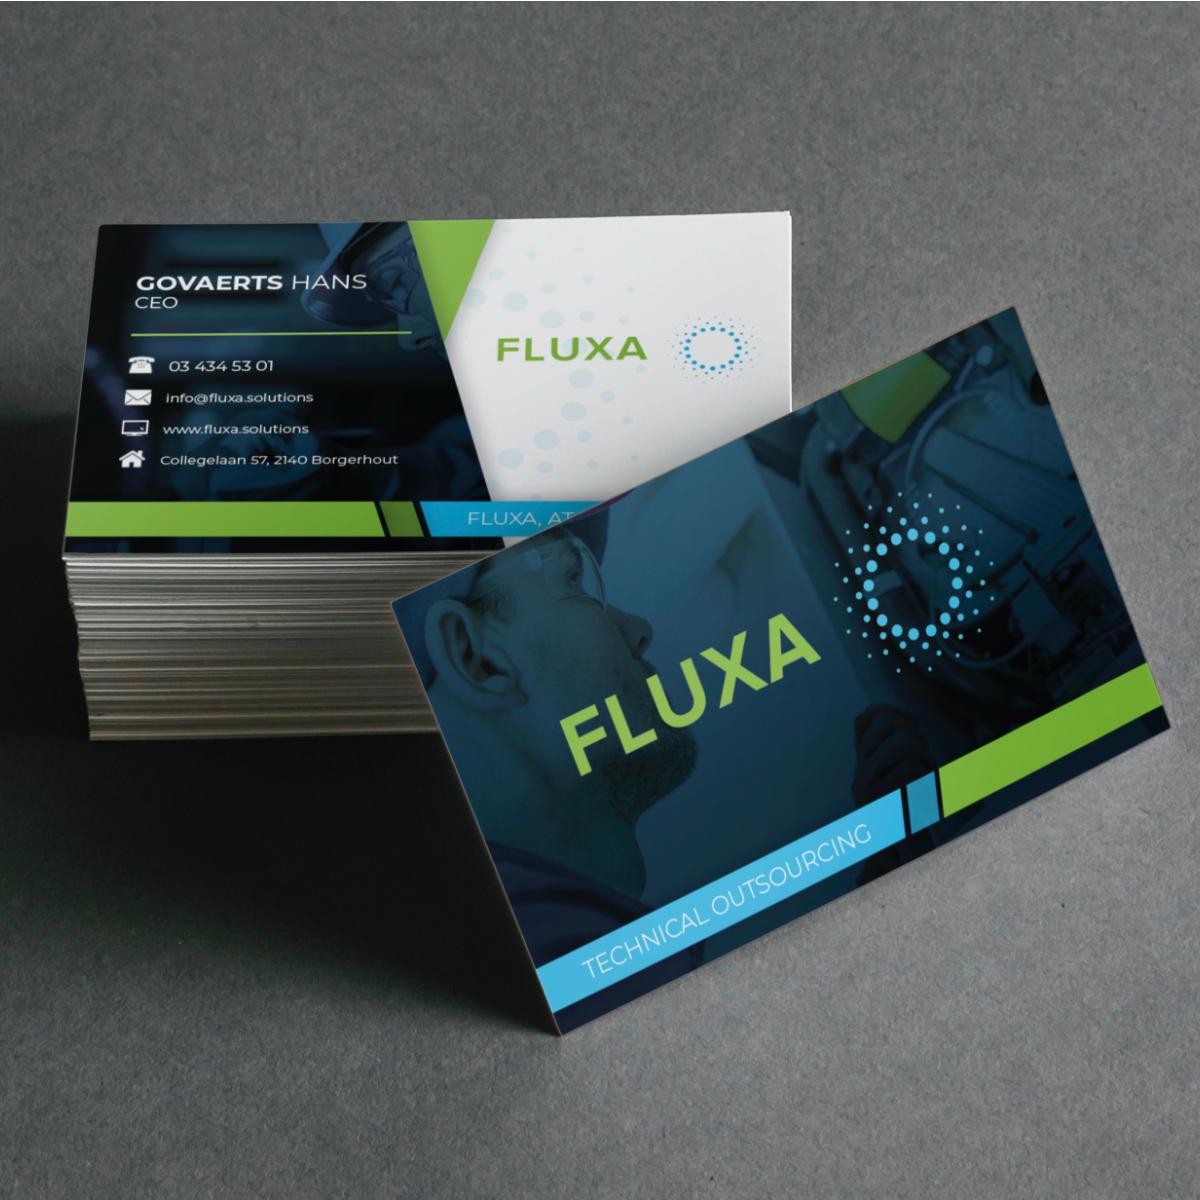 Ontwerp visitekaartjes voor Fluxa